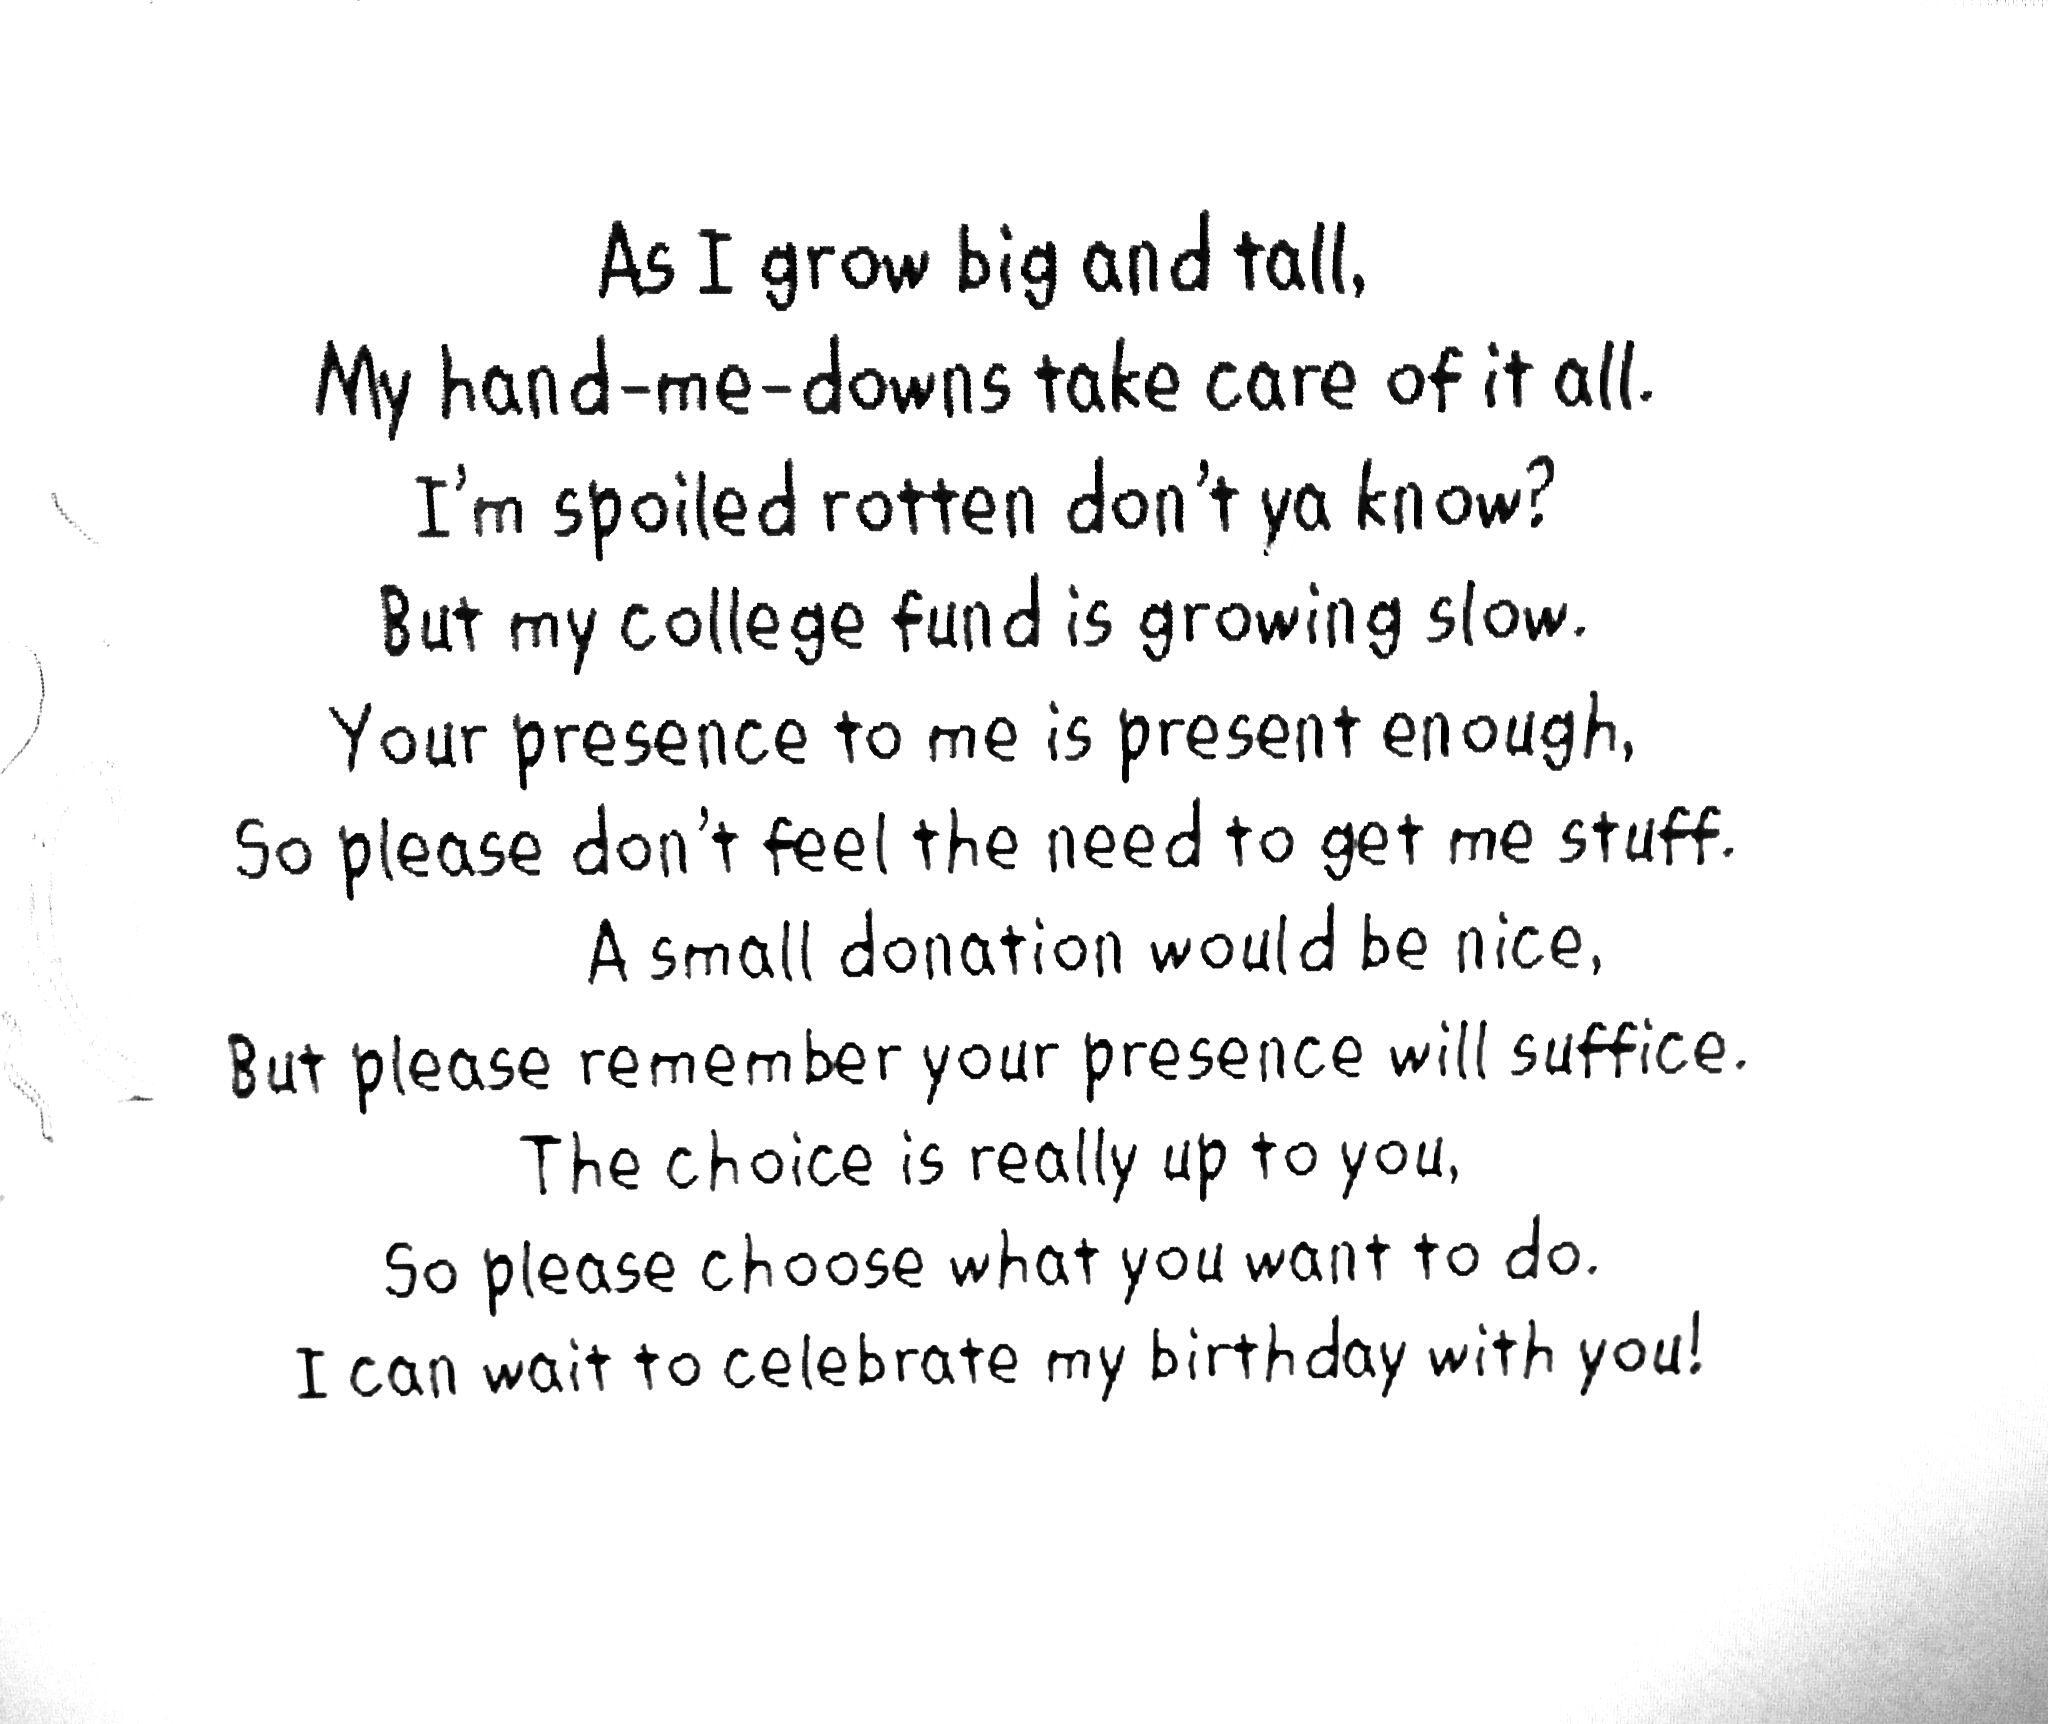 Medium Crop Of The Invitation Poem